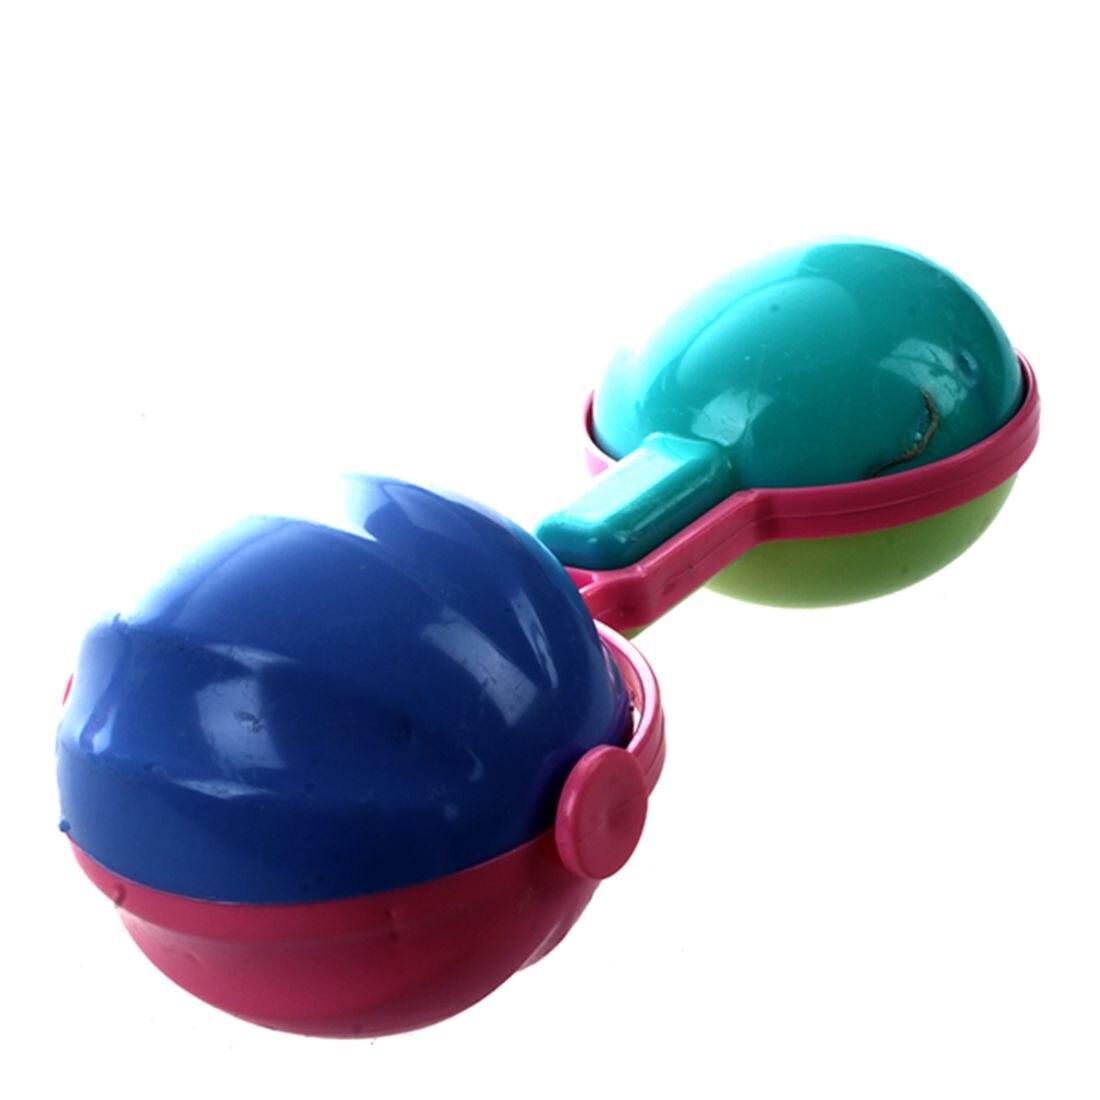 6 Stks Dier Handbells Developmental Toy Bed Klokken Kids Baby Speelgoed Rammelaar Mooie Duidelijke Textuur